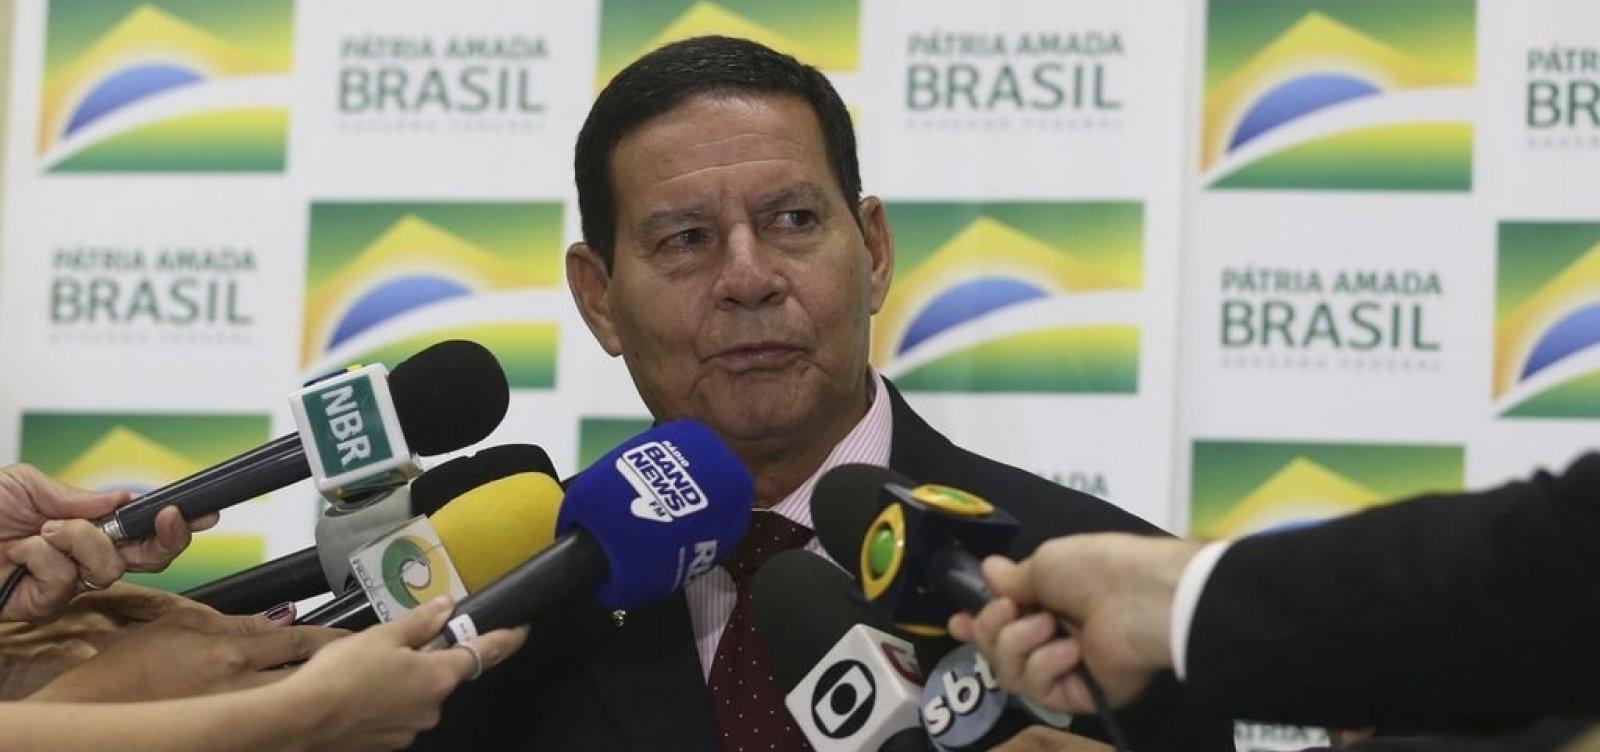 [Mourão rebate ministro e defende papel de Chico Mendes]